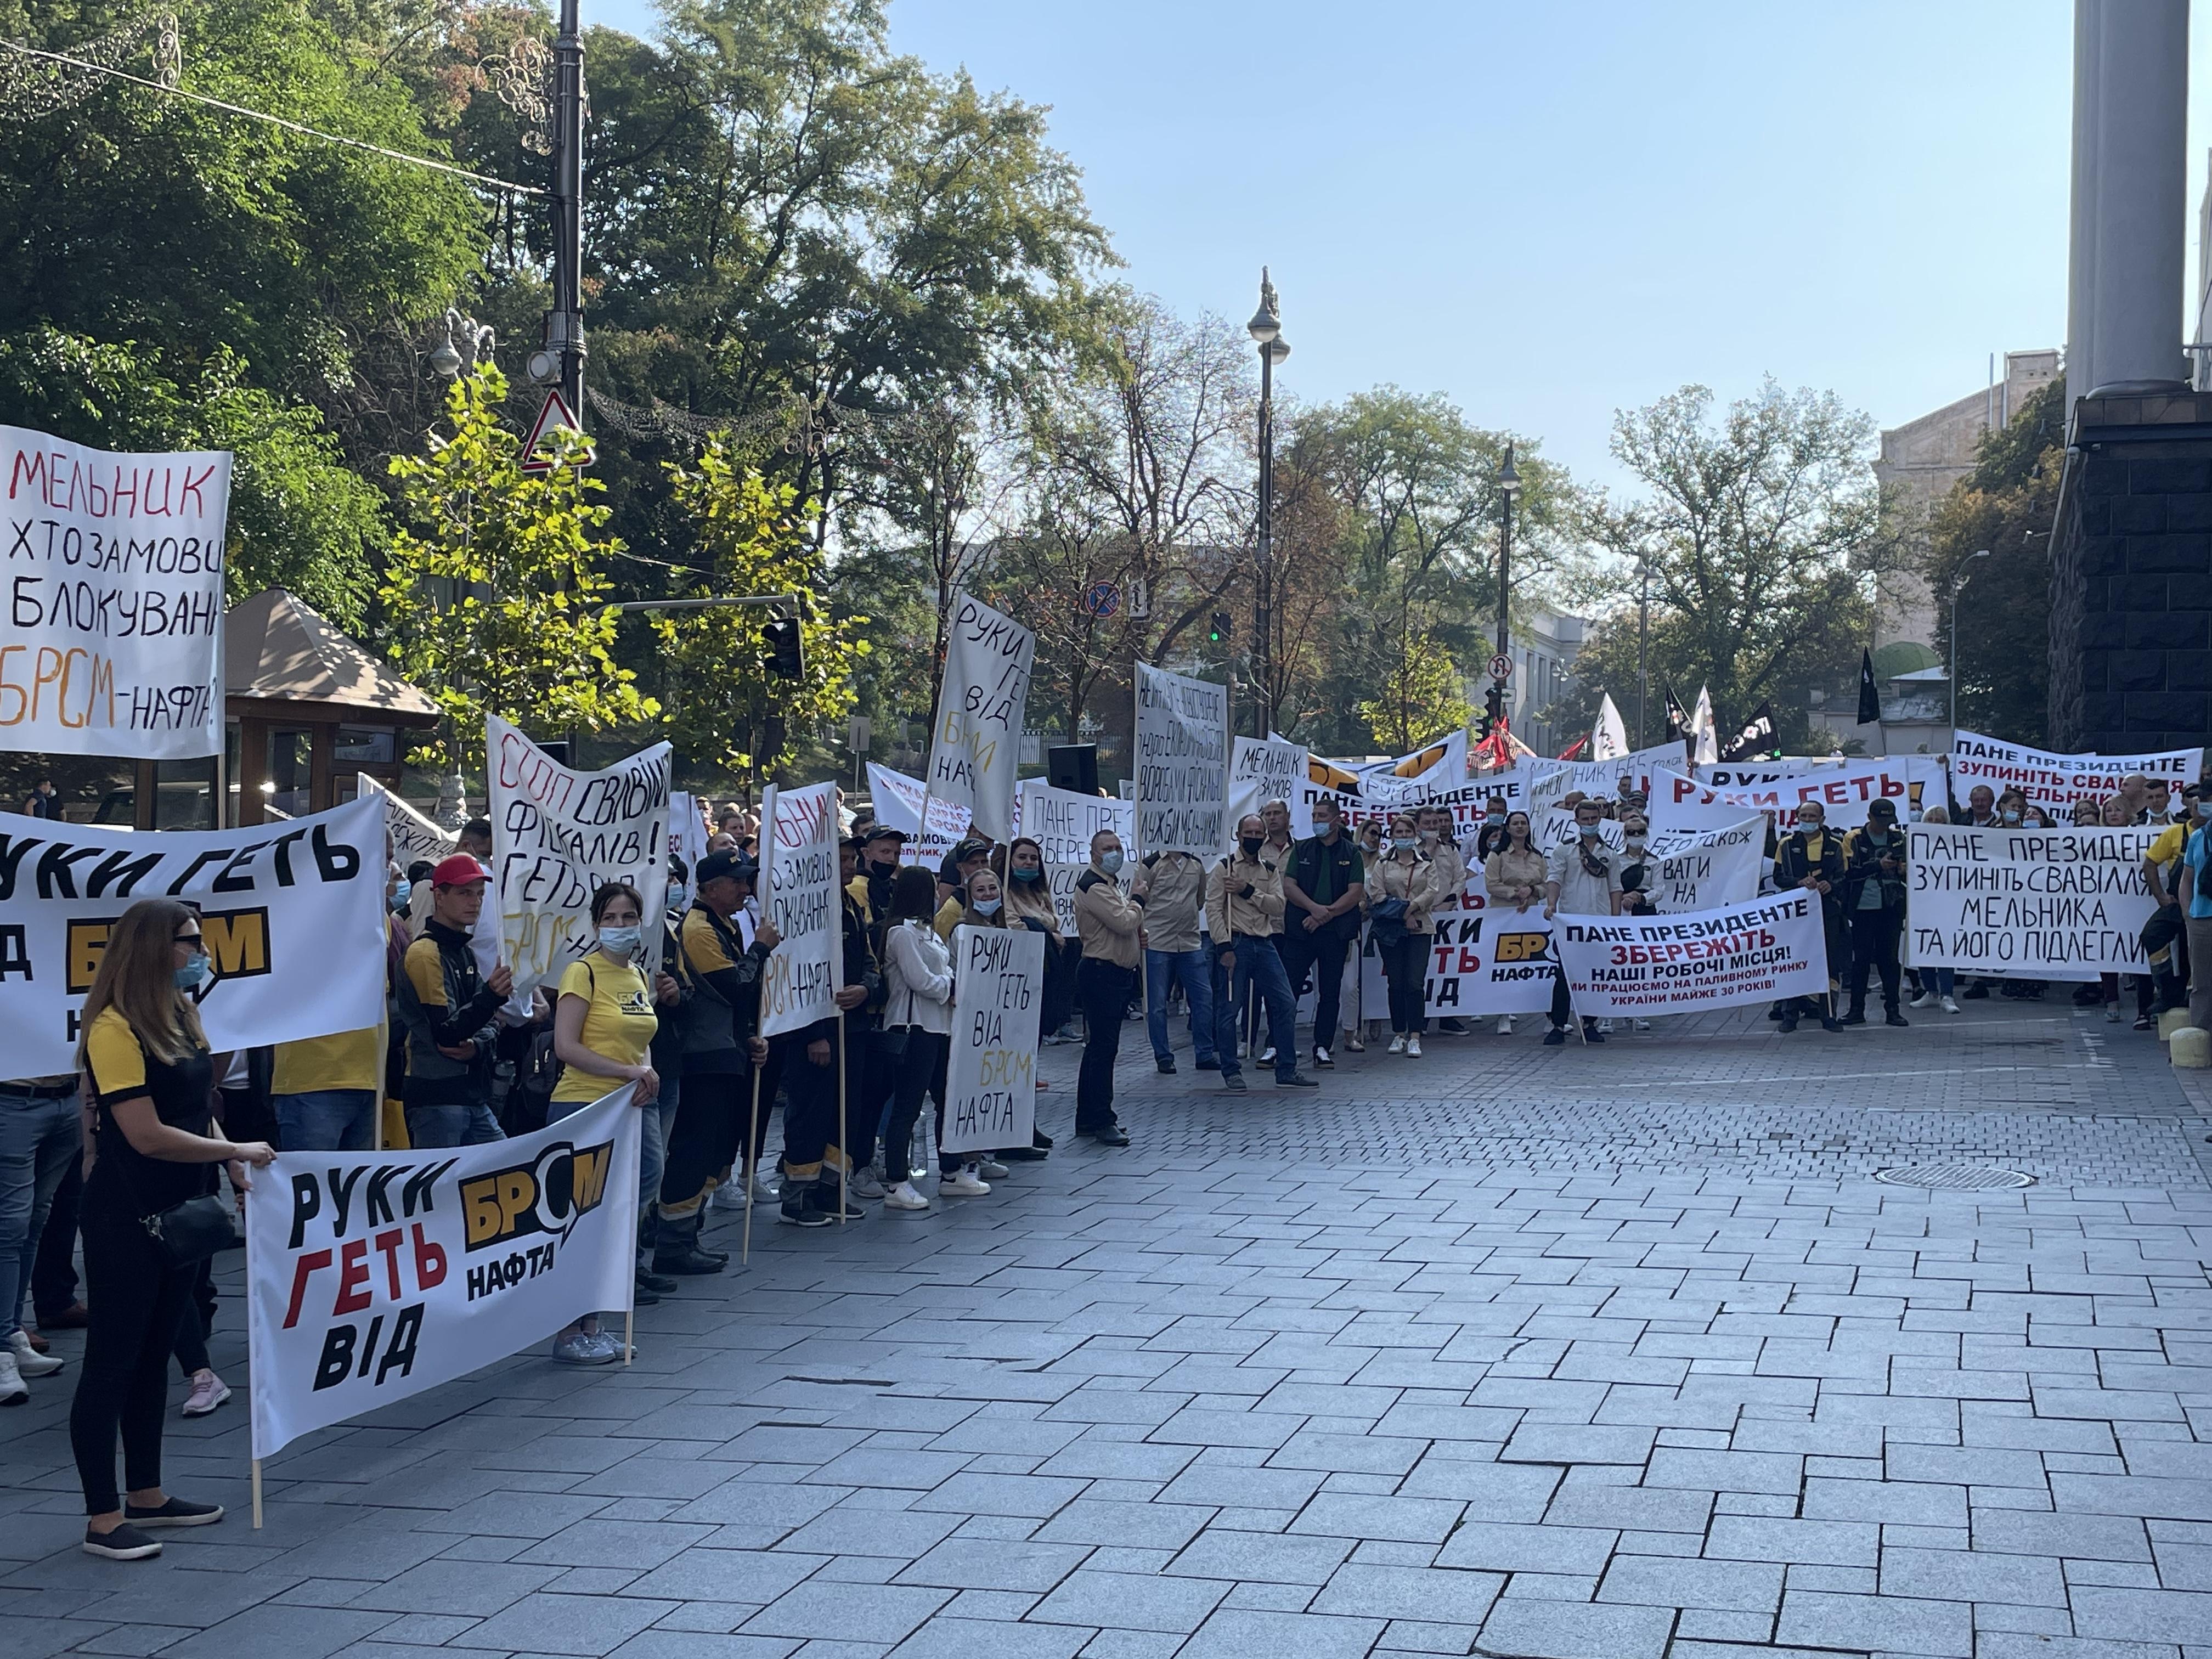 ГФС атакует БРСМ: Подопечные Мельника три недели блокируют нефтебазы и заправки  - фото 2